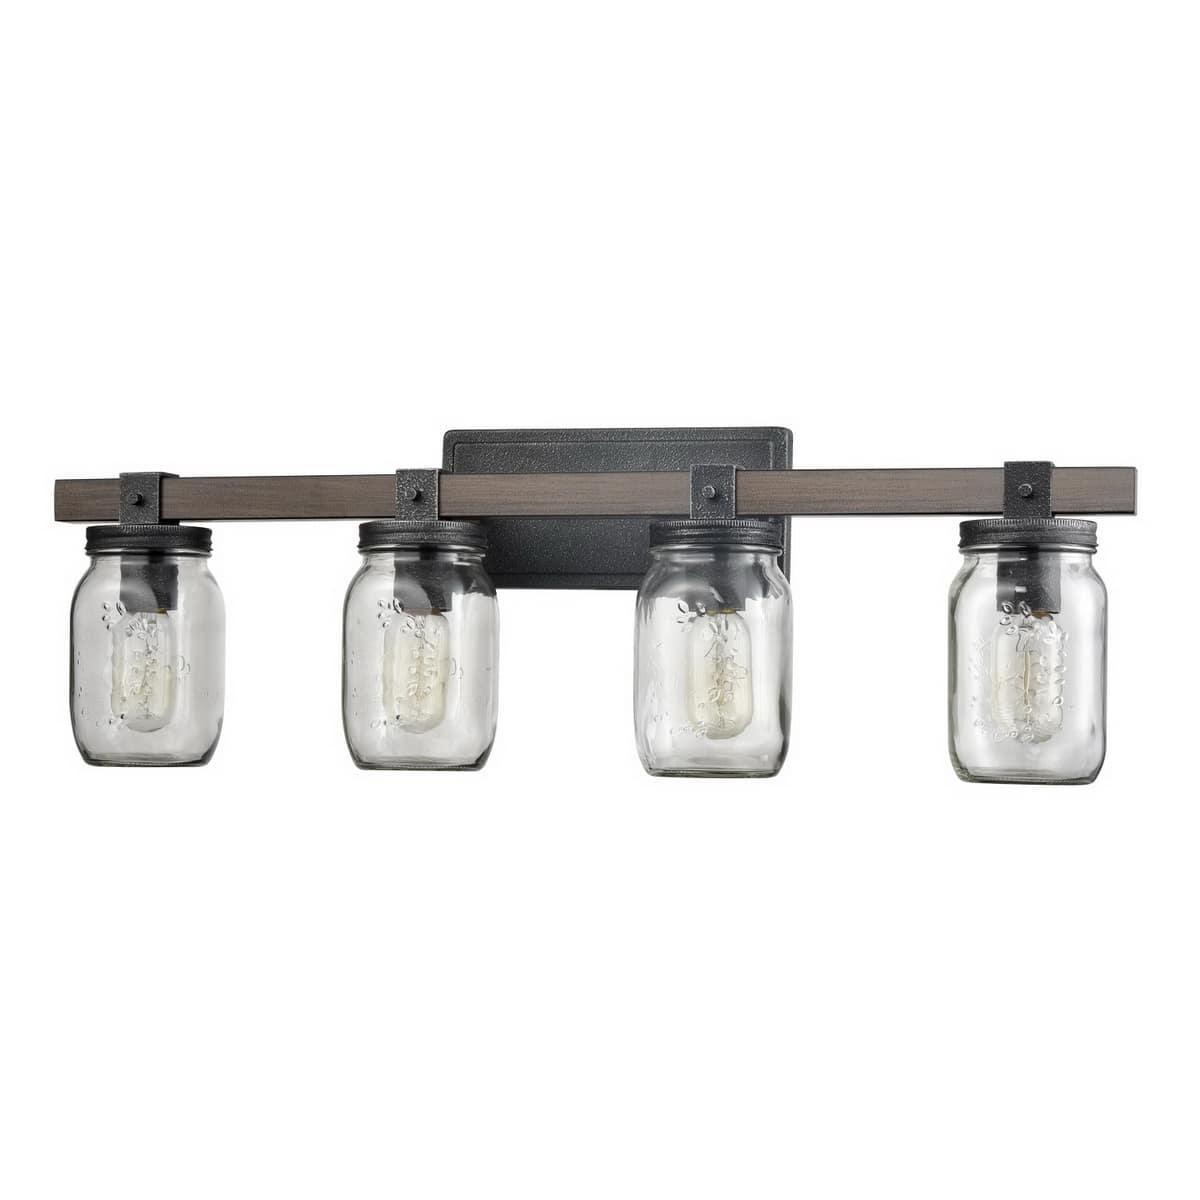 Vintage Mason Jar Bathroom Vanity Lighting 4-Lights